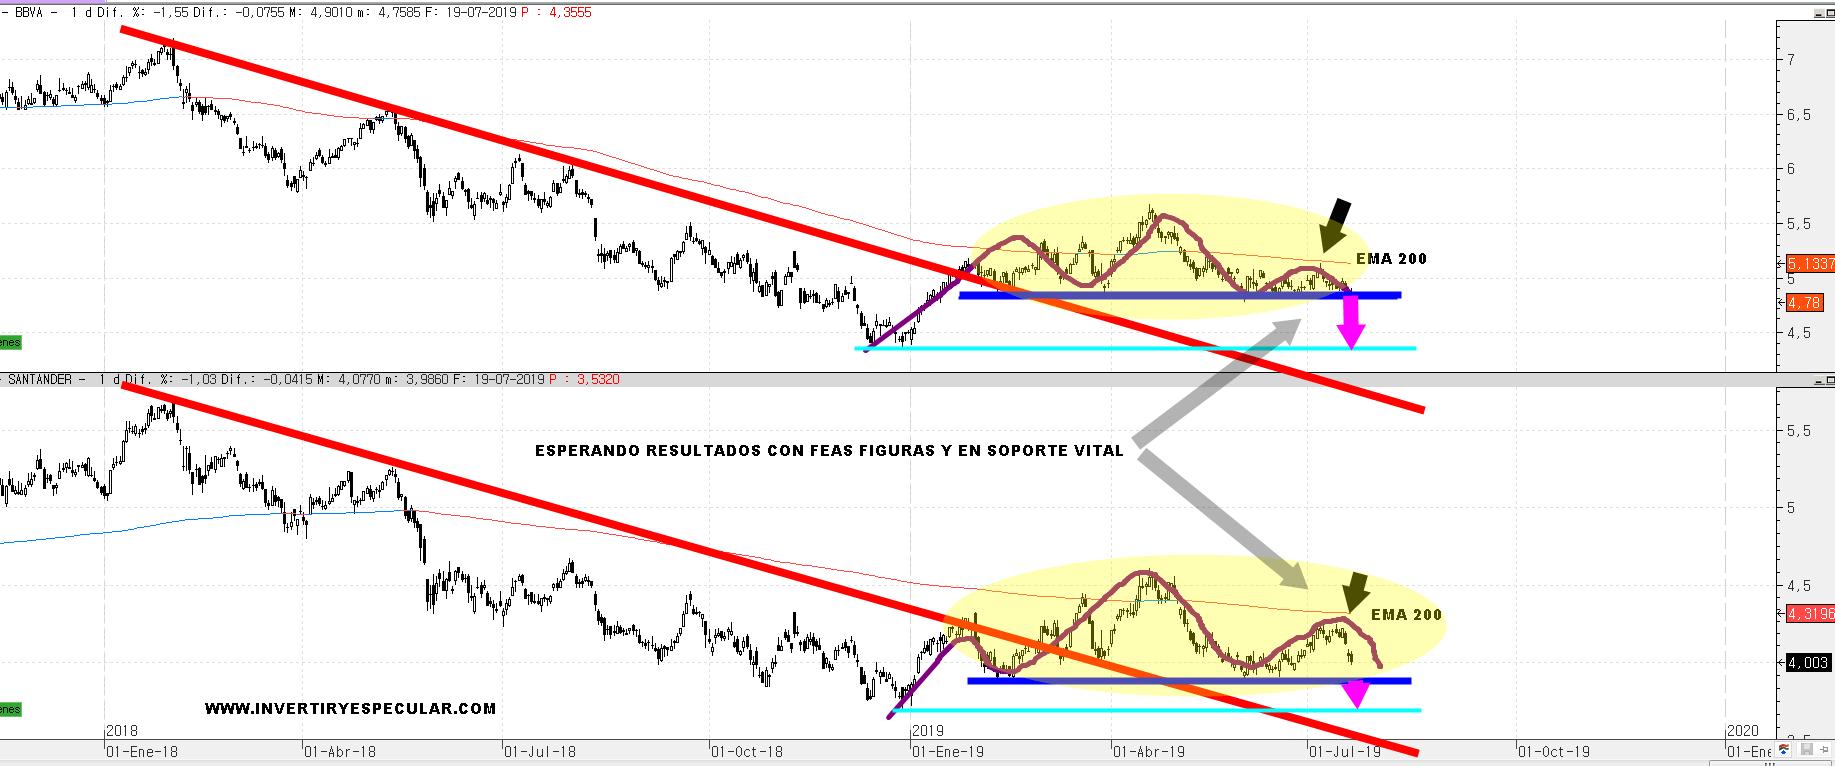 Cómo espera resultados el Santander y el BBVA a resultados y BCE